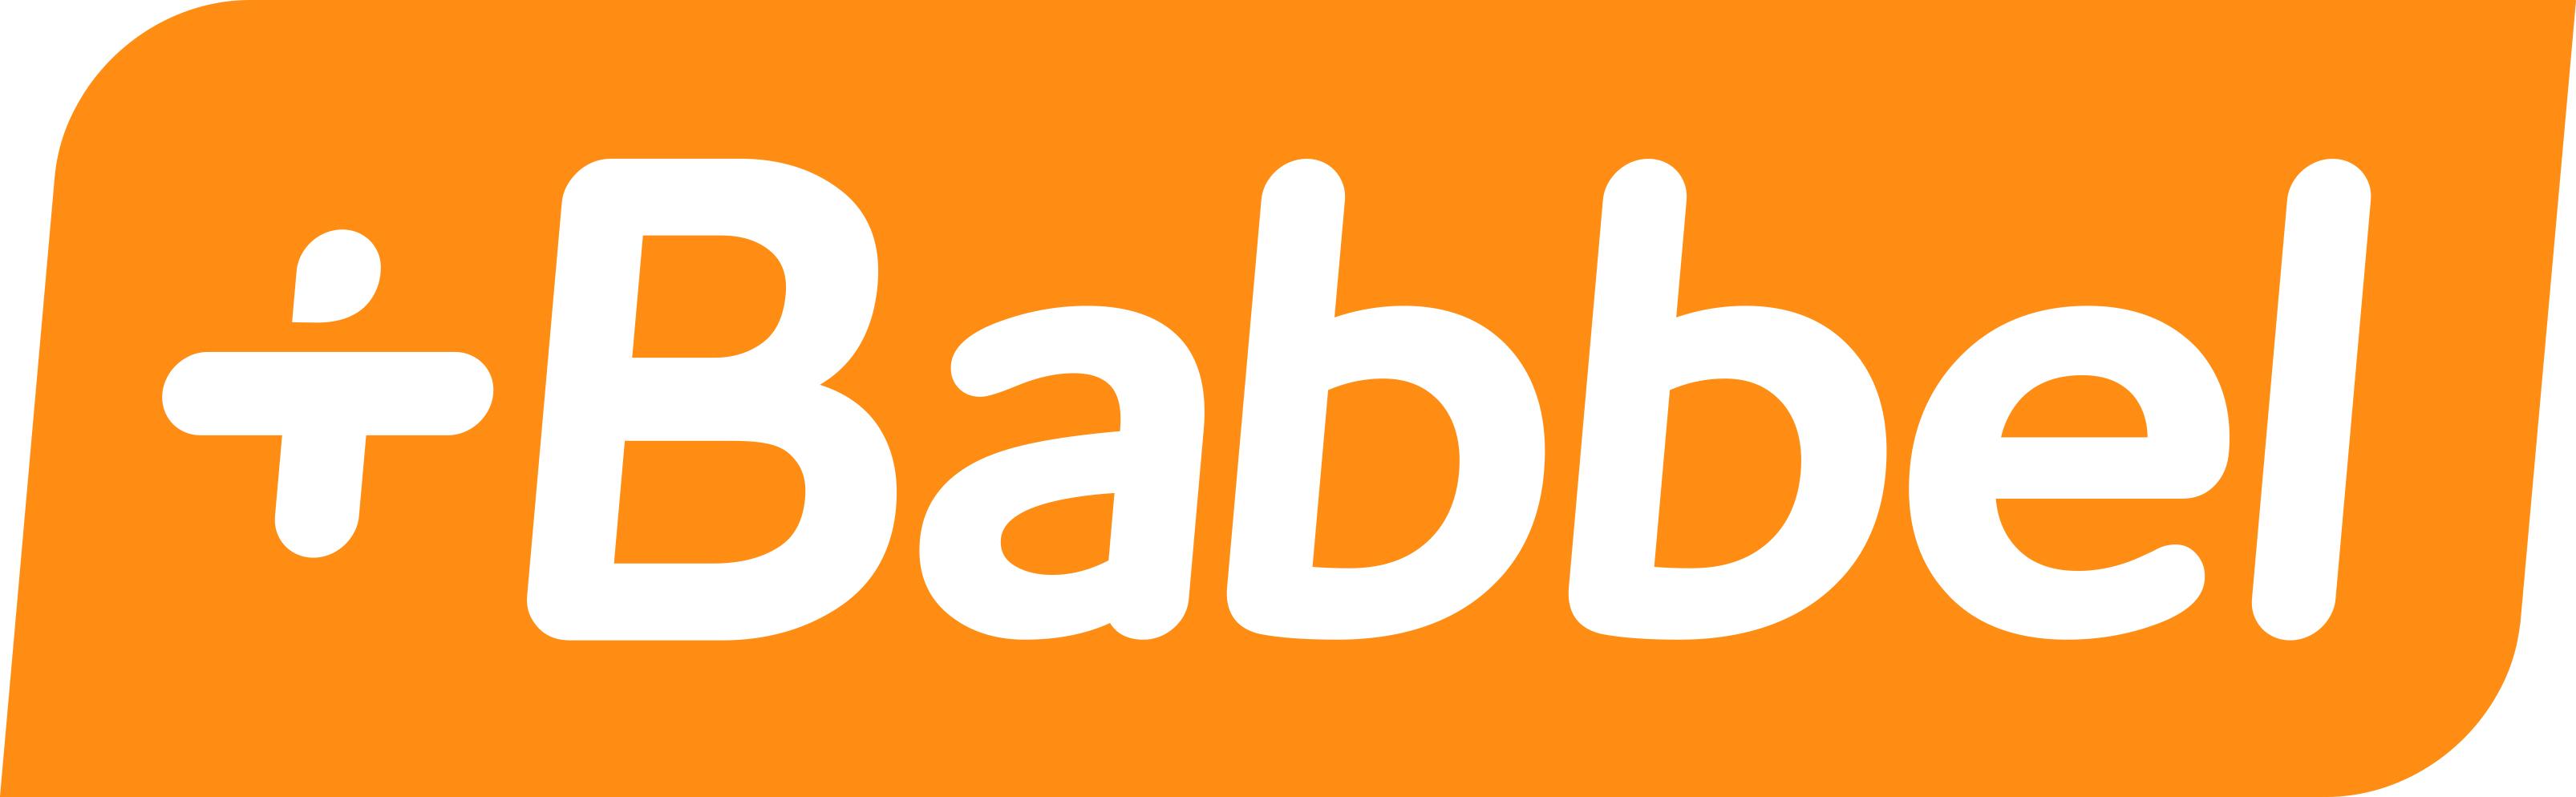 Klik hier voor de korting bij Brazil Babbel